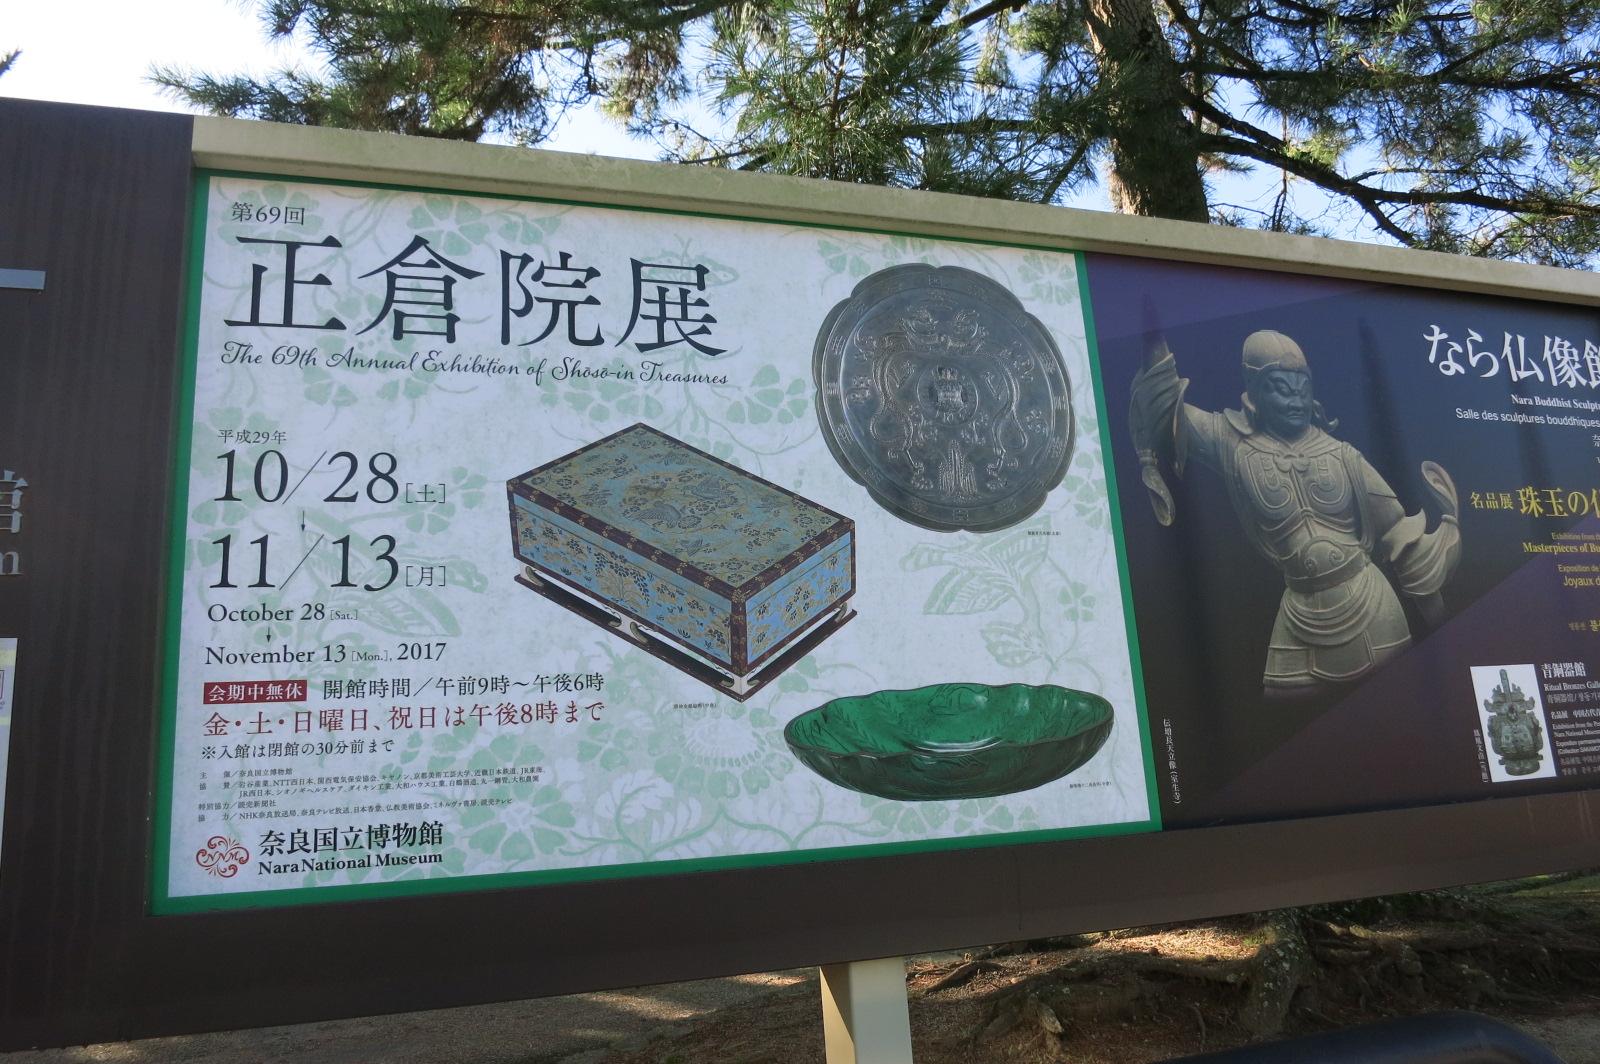 正倉院展が開催されている奈良国立博物館が見えてきました。